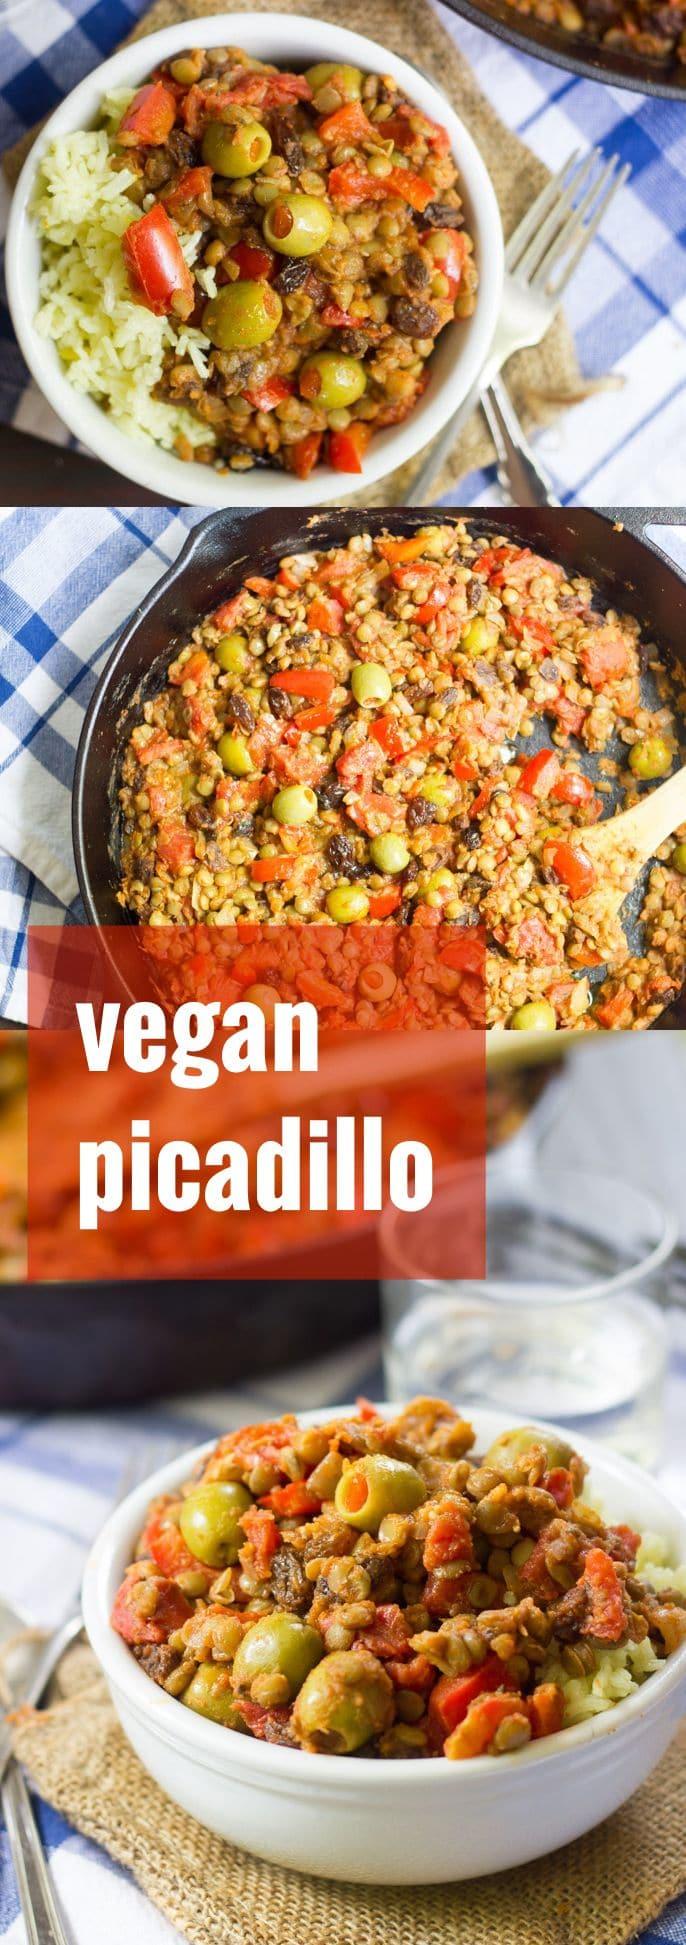 Vegan Picadillo